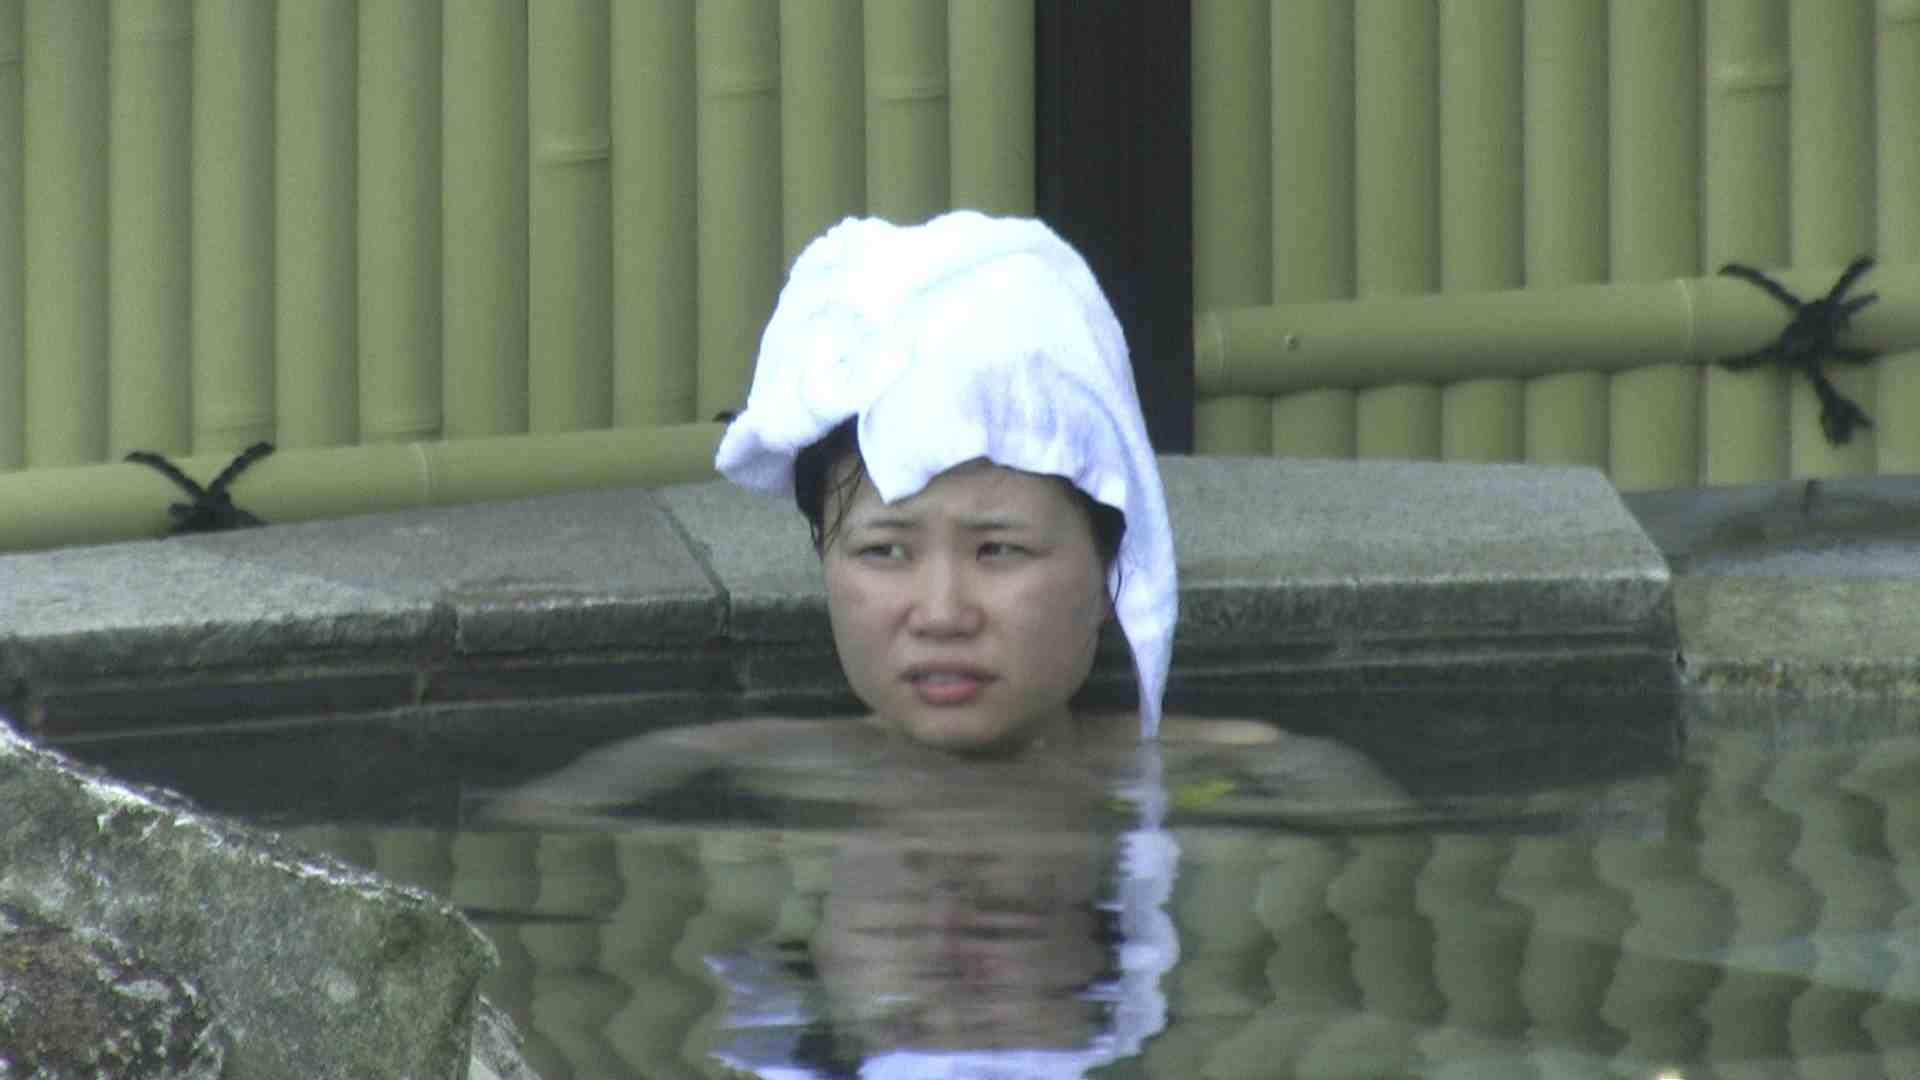 Aquaな露天風呂Vol.183 美しいOLの裸体  105pic 18